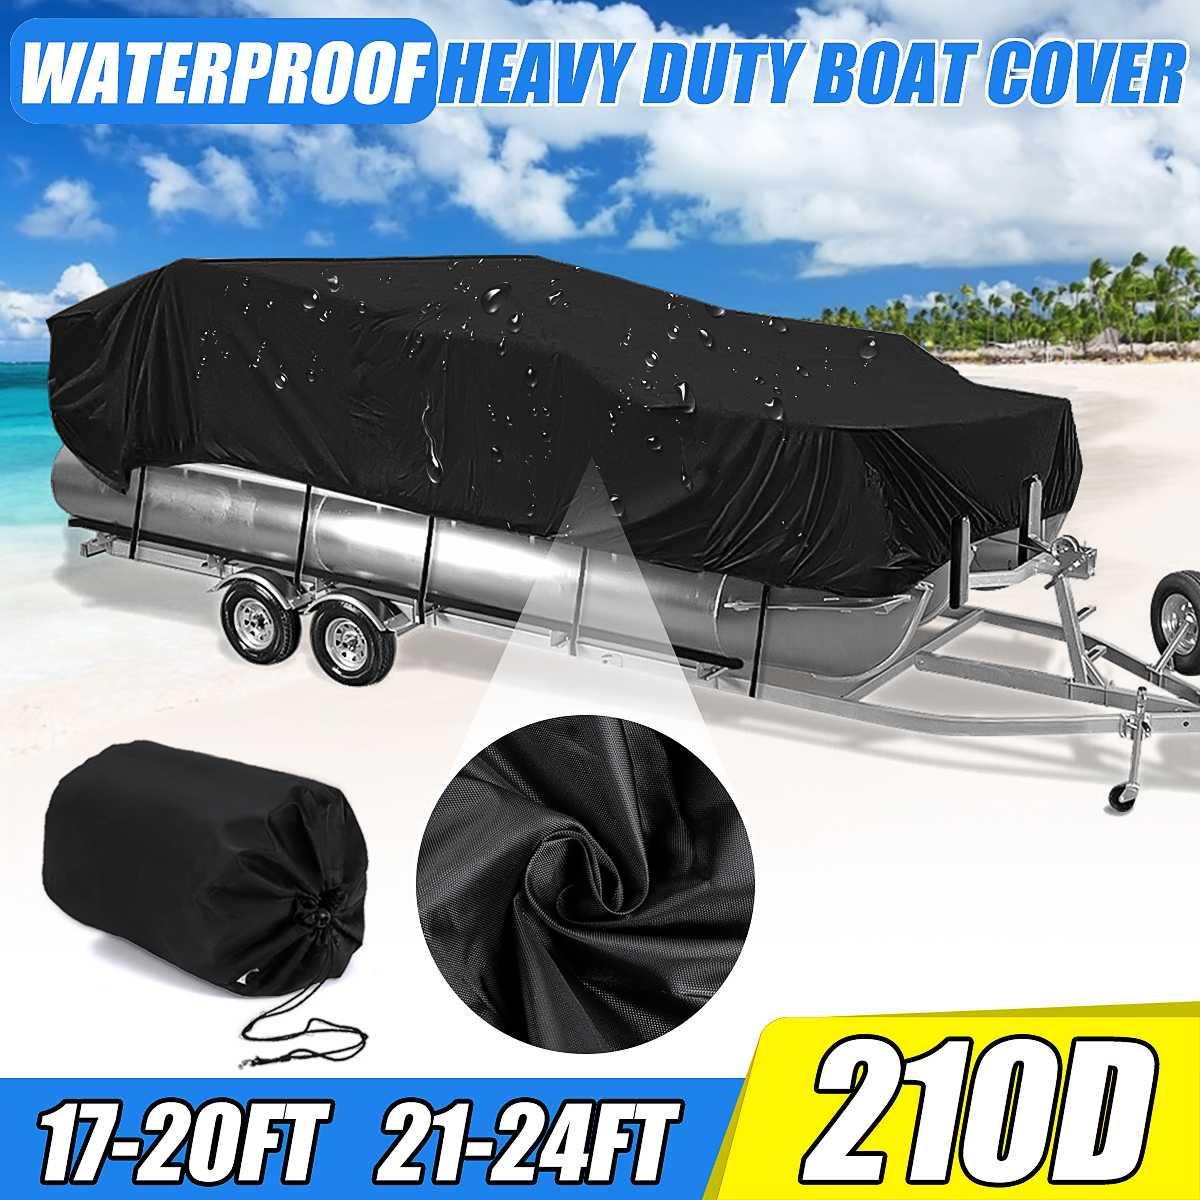 17-20Ft 21-24Ft 210D robuste étanche bateau couverture poisson Ski faisceau 96 ''bateaux Sunproof UV protecteur couvre